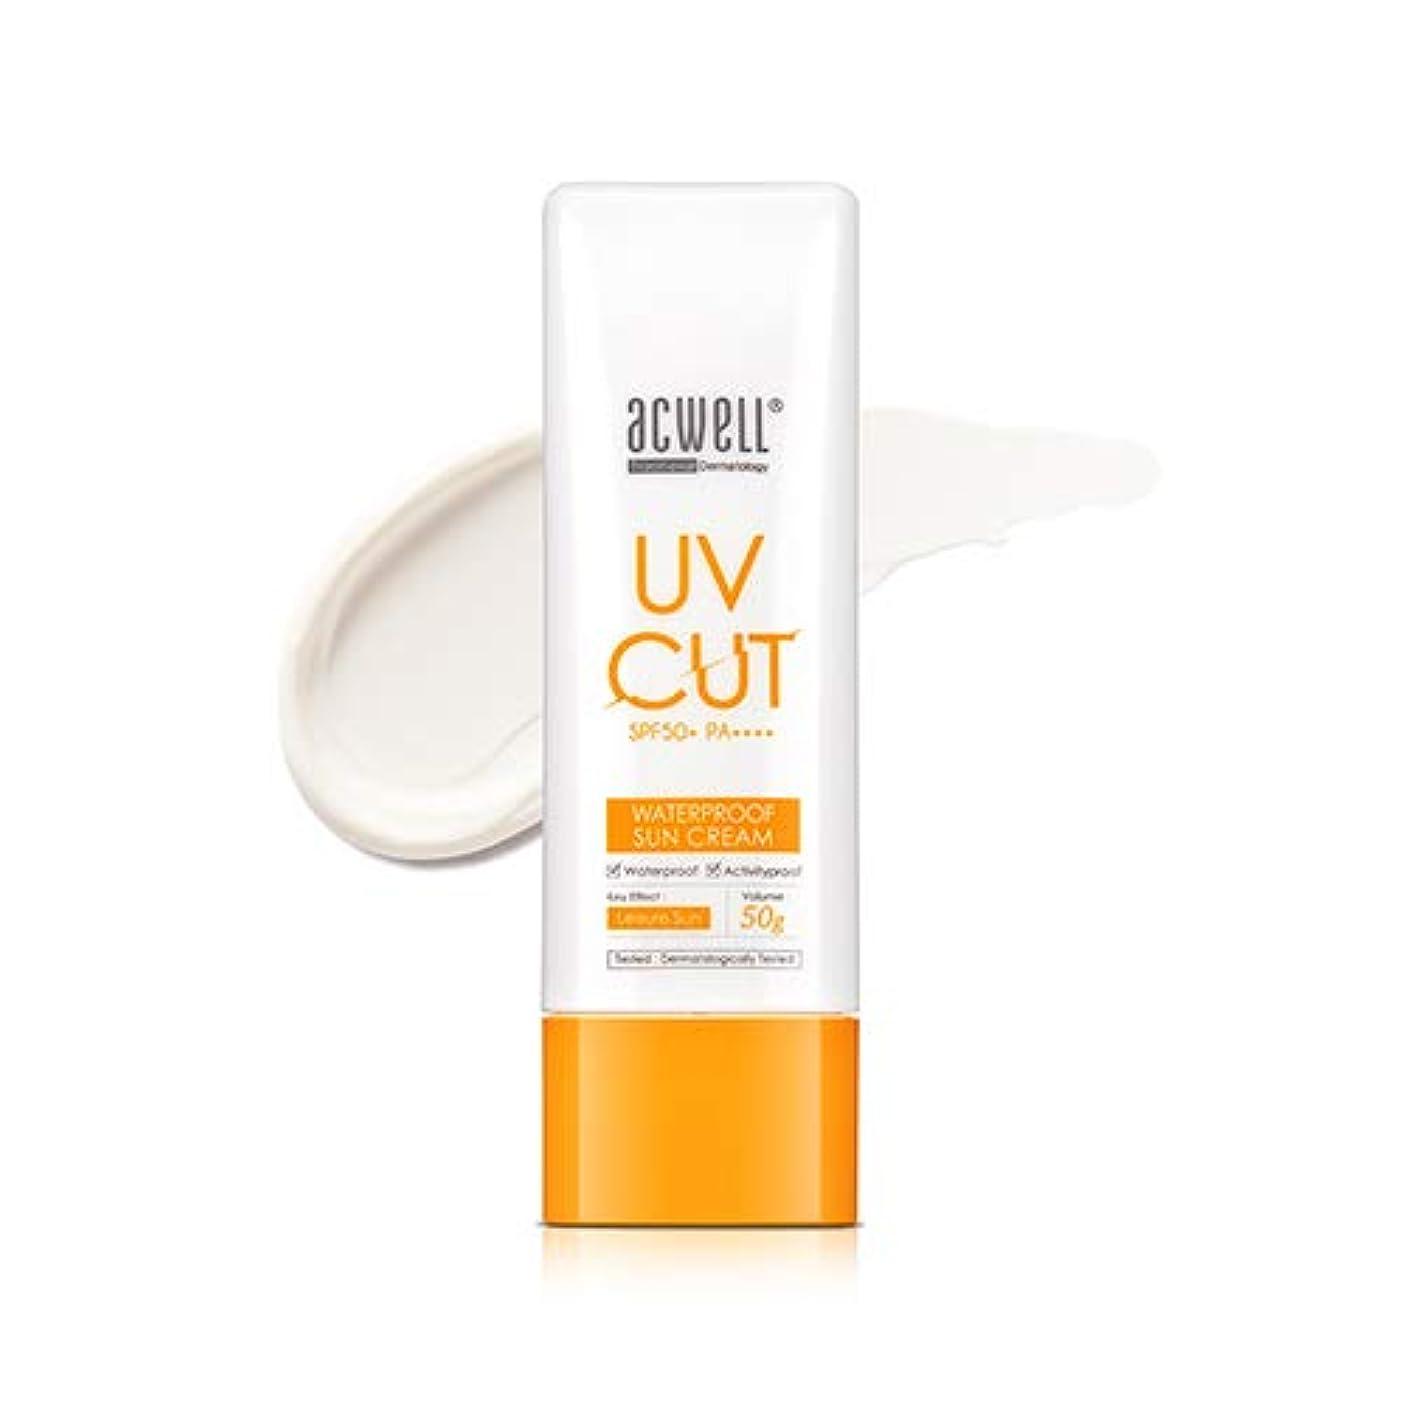 ルビードライバスーダンアクウェル ACWELL UV Cut Waterproof Sun Cream ウォータープルーフ サンクリーム 50g, SPF50+ PA++++ [Made in Korea]